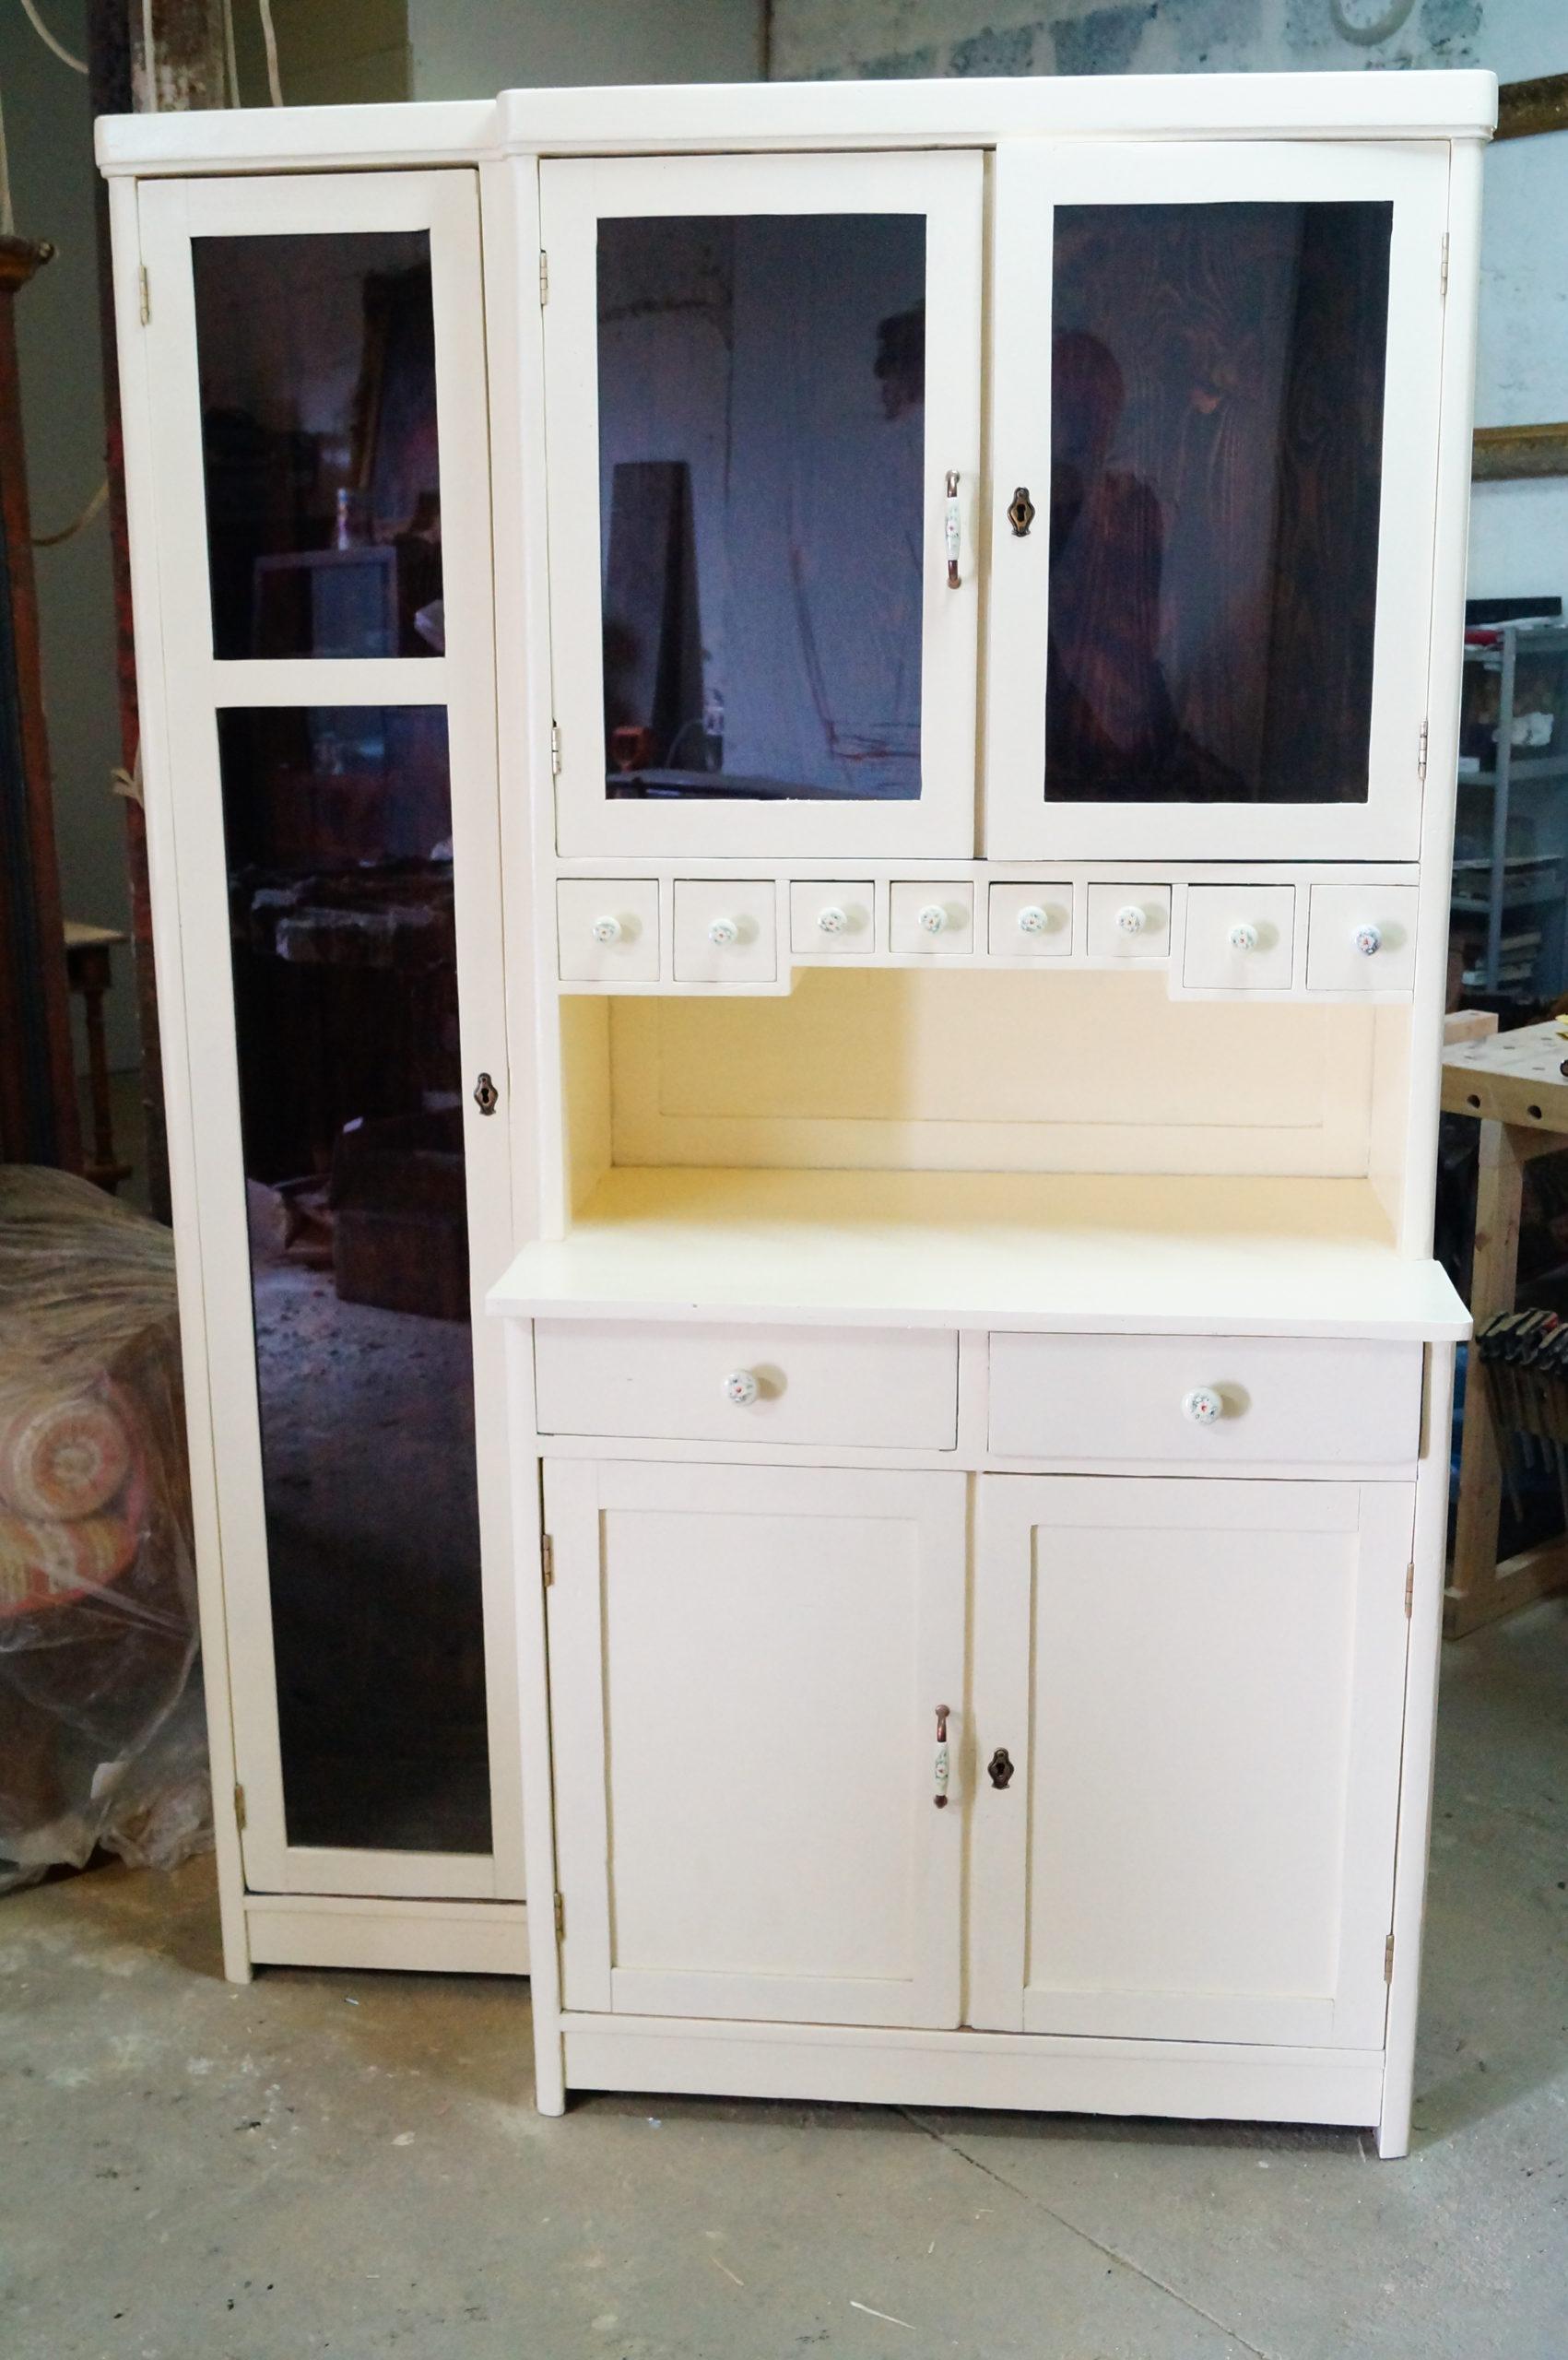 renowacja kredensu kuchennego, odnawianie mebli